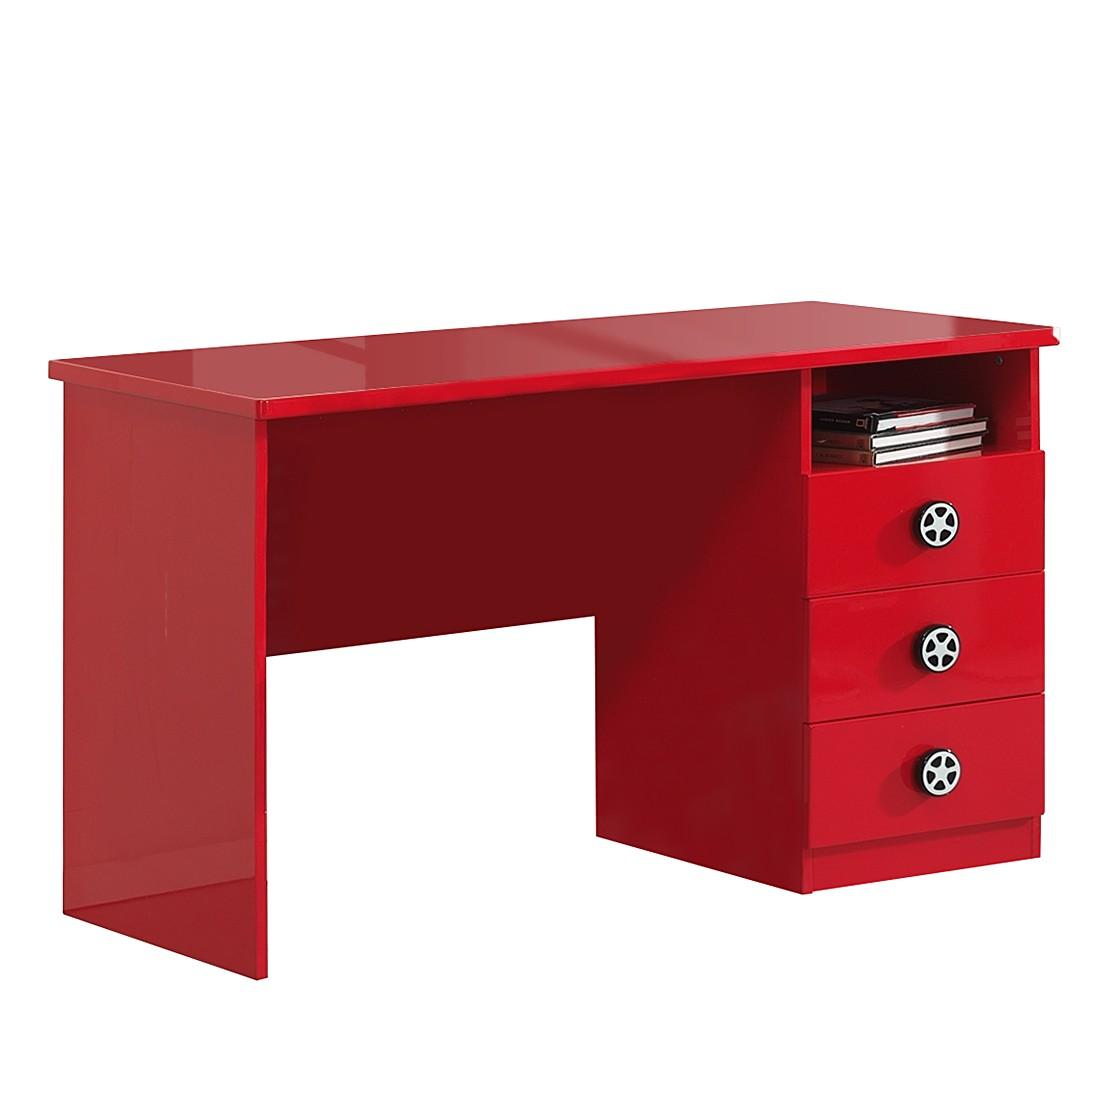 Schreibtisch monza rot vipack m vi kj0048 kauf dir for Schreibtisch rot lack